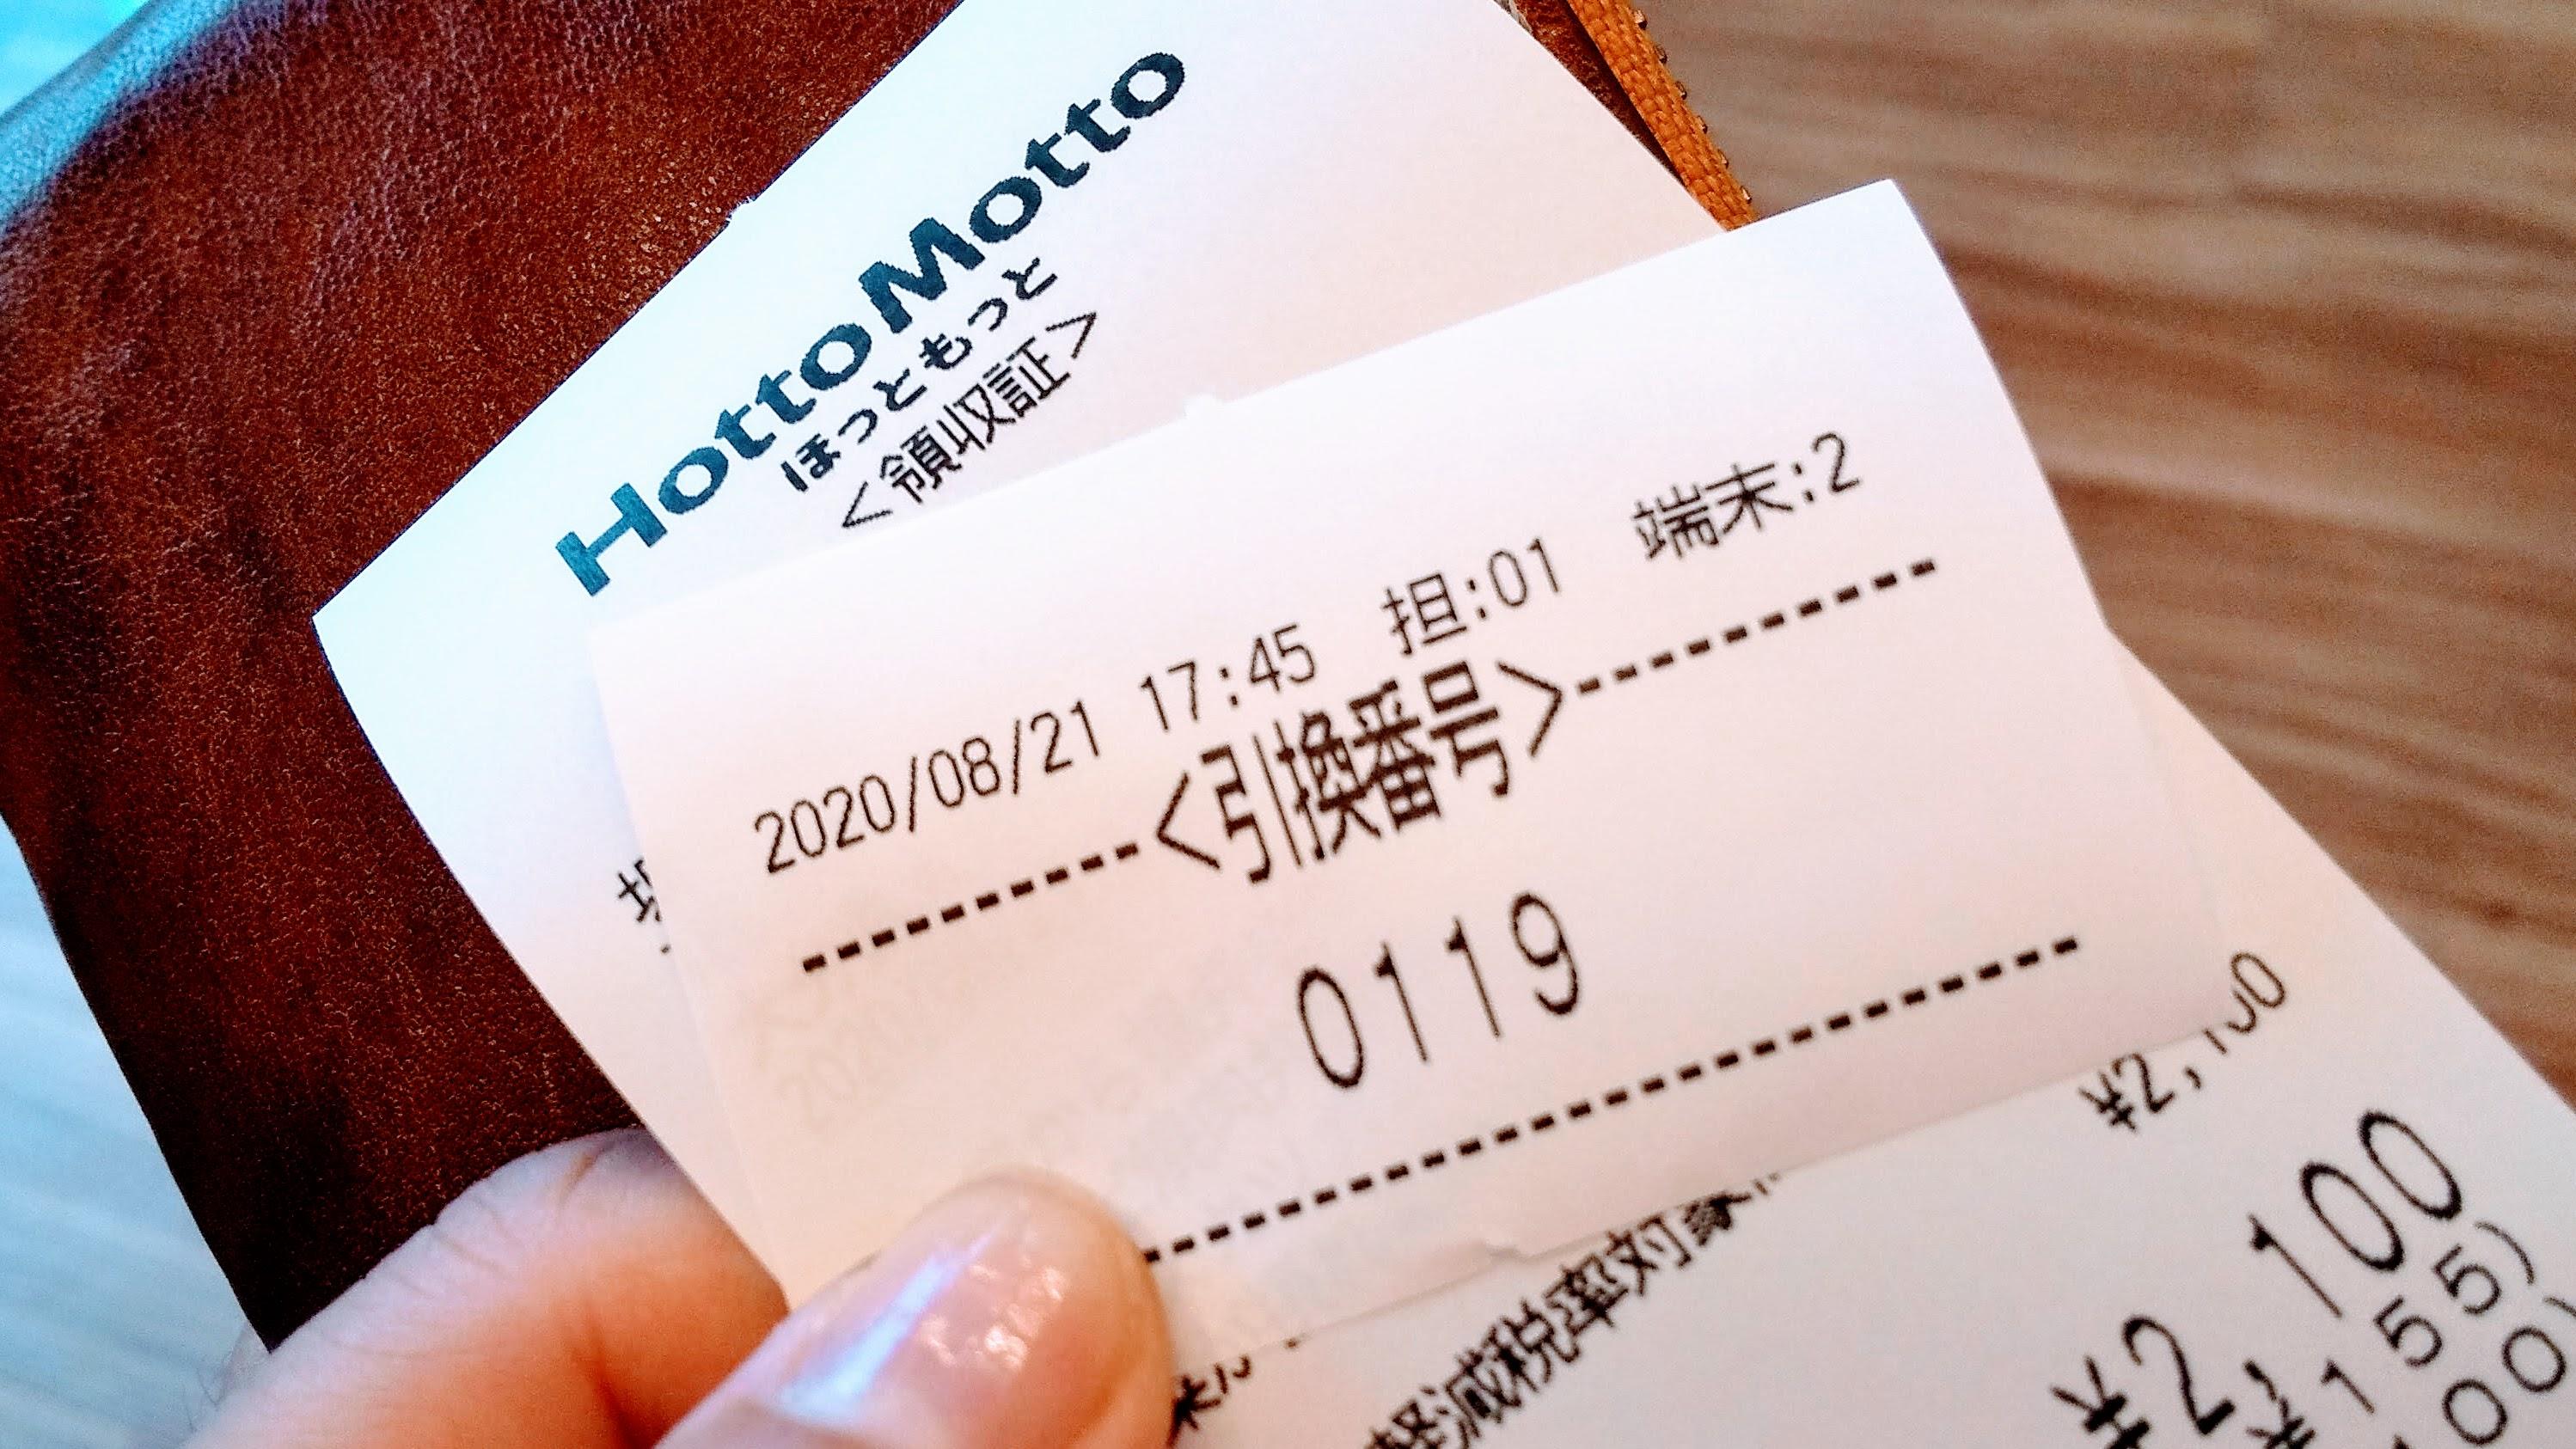 119番の番号札をもらう